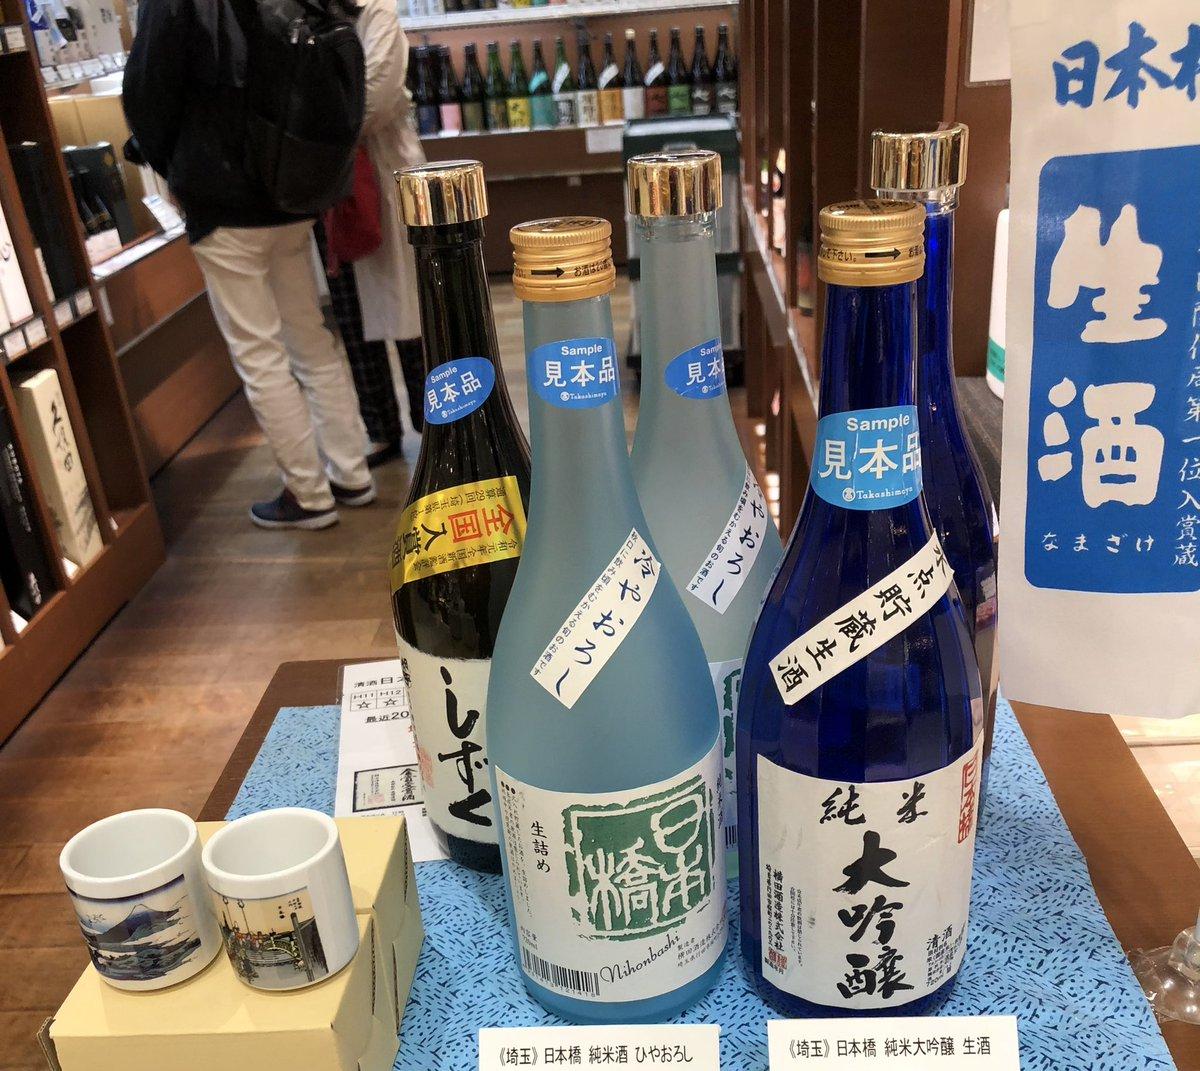 test ツイッターメディア - 日本酒「日本橋」の蔵元の横田酒造(株)さん✨ 「大吟醸酒しずく」を多くの方に飲んでいただきたいと「幻の美酒 大吟醸酒」300mlとして、リーズナブルなお値段で新宿高島屋日本酒売場にて販売中!🔸3千円以上の購入に、日本画のデザインのお猪口が貰える🎶 蔵元さんのおすすめは旬のひやおろし🍶 https://t.co/7mjbw979Xy